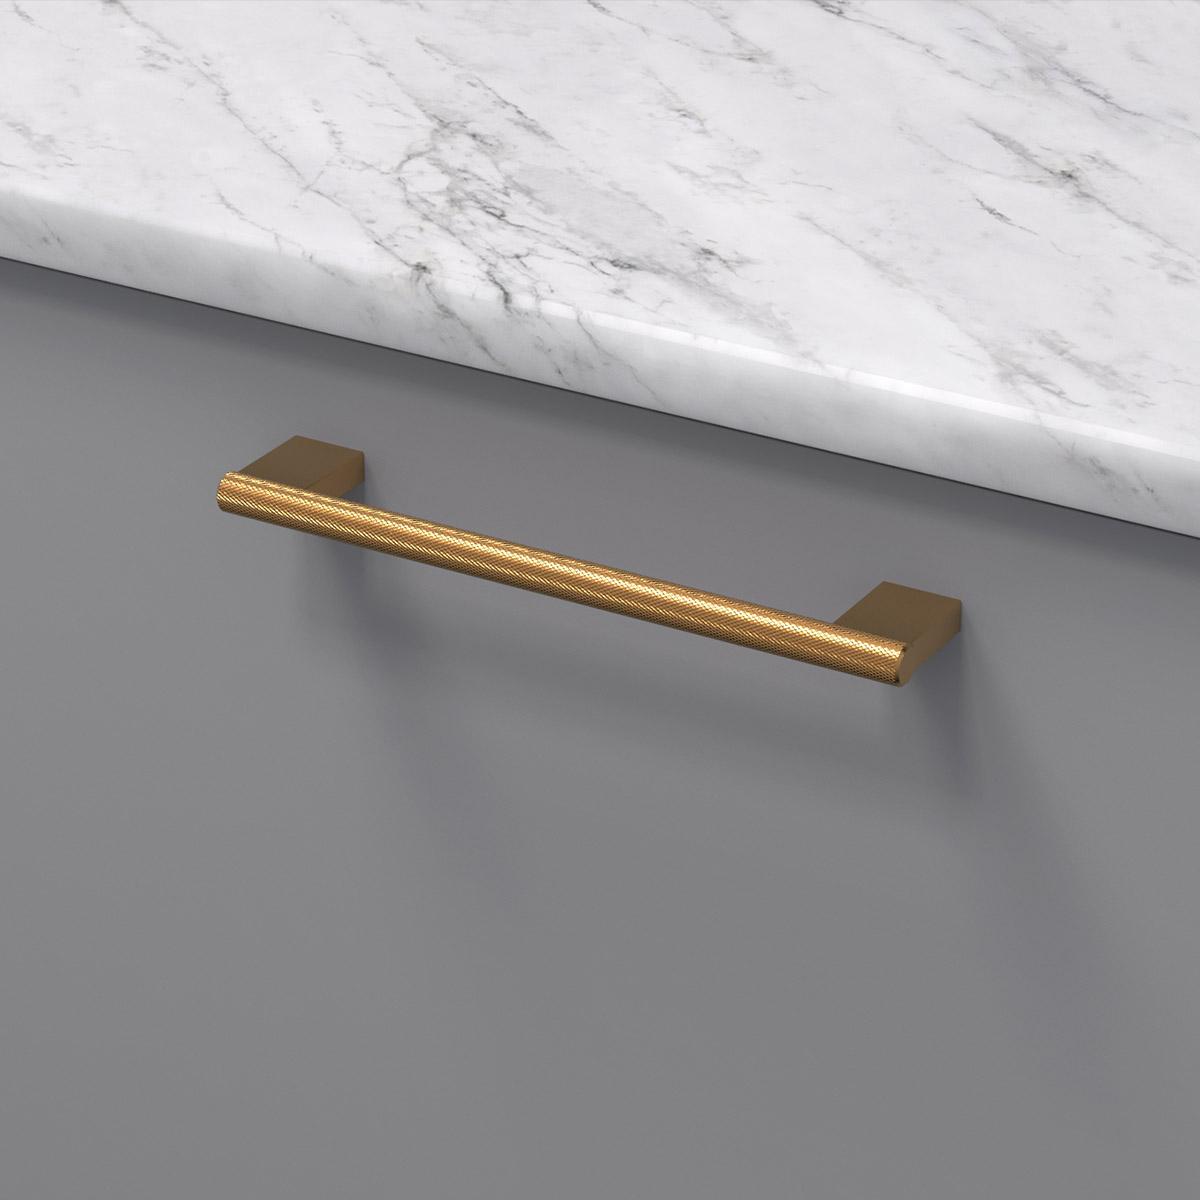 Handtag graf mini massing 370230 11 cc 160 mm ncs s 4500 n marmor carrara